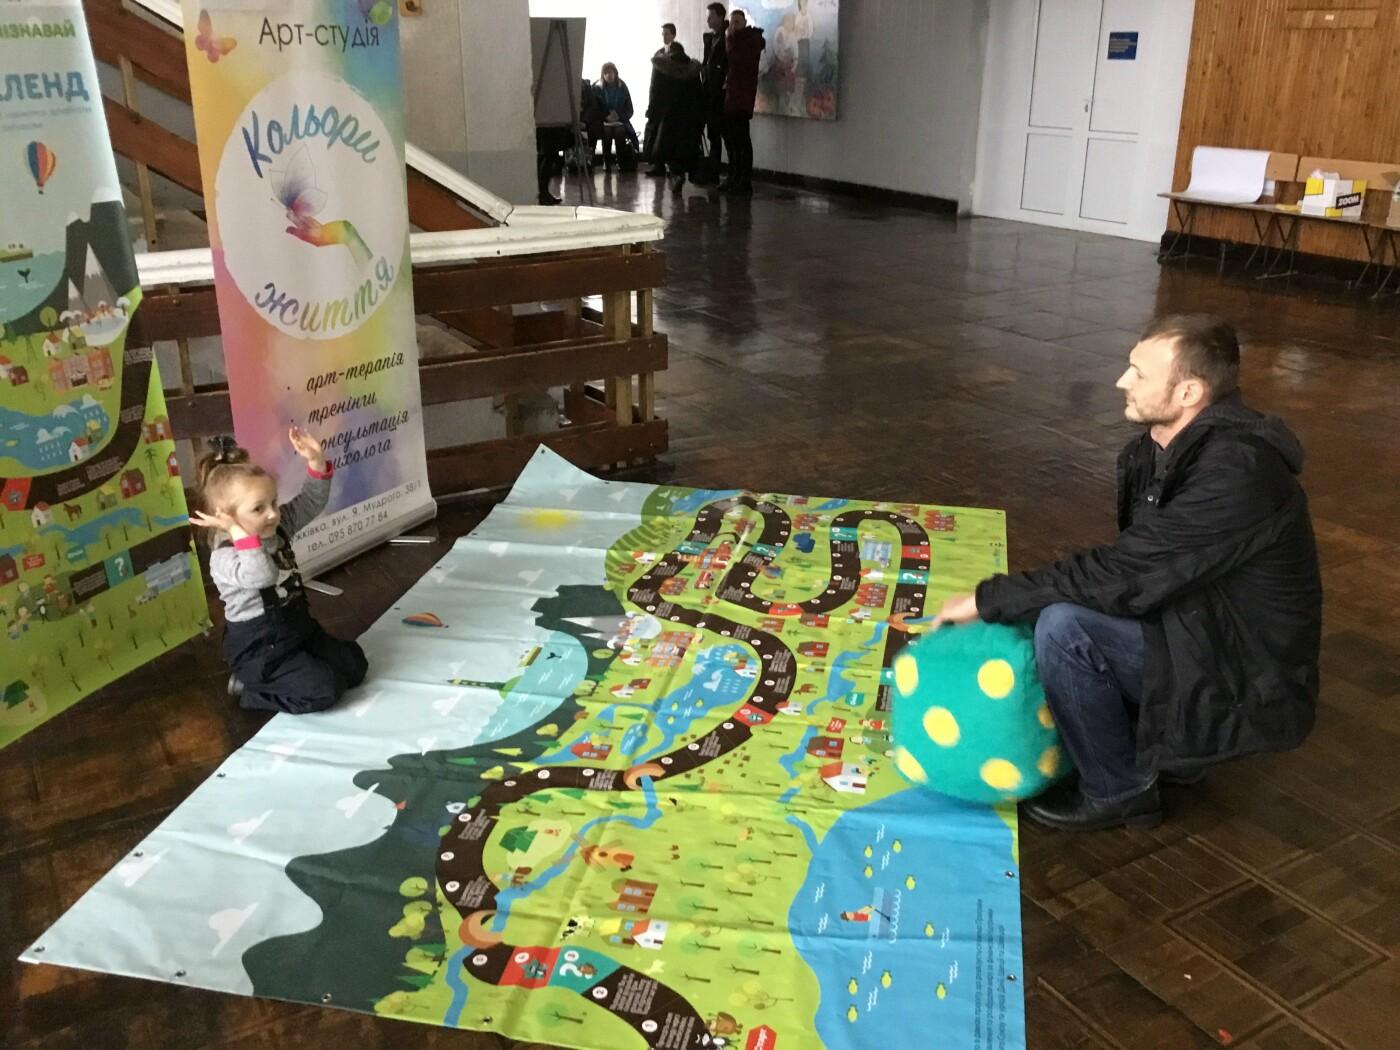 Дружківка: На Форумі місцевого розвитку пройшли плідні дискусії про майбутнє міста та громади (ФОТО), фото-3